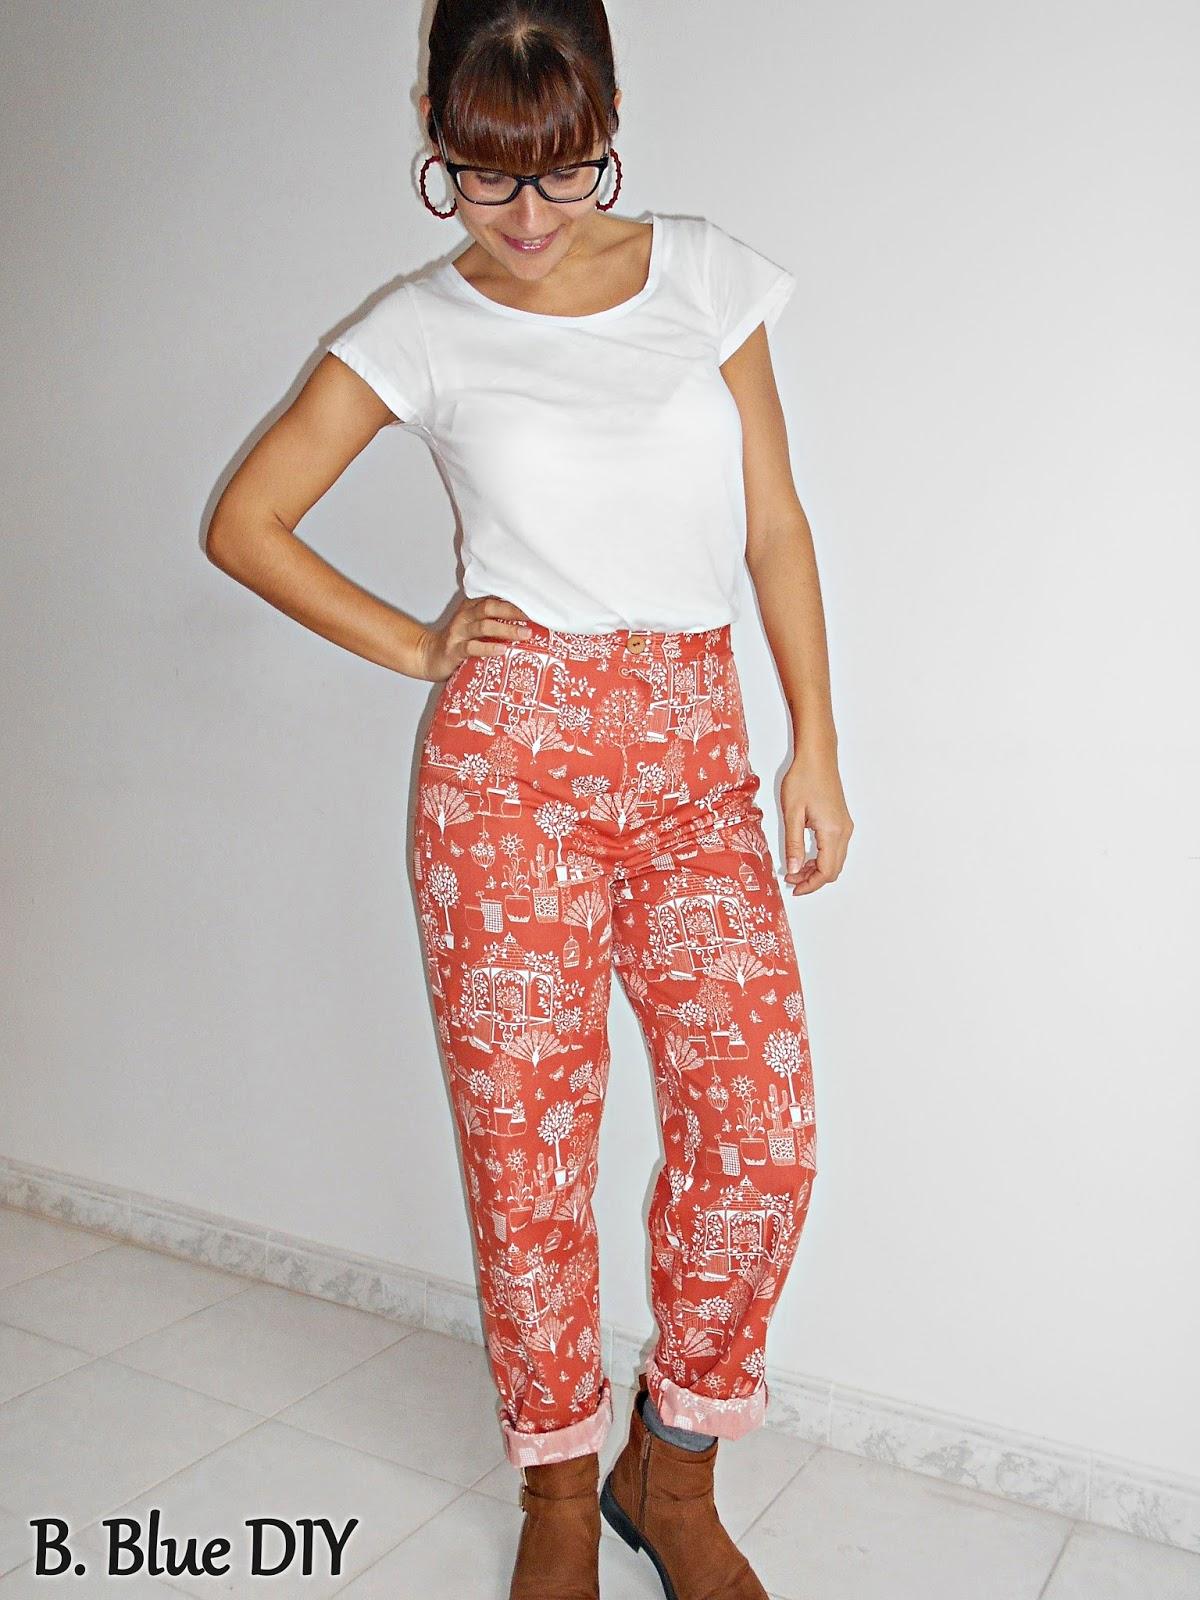 Pantalón discreto con patrón base